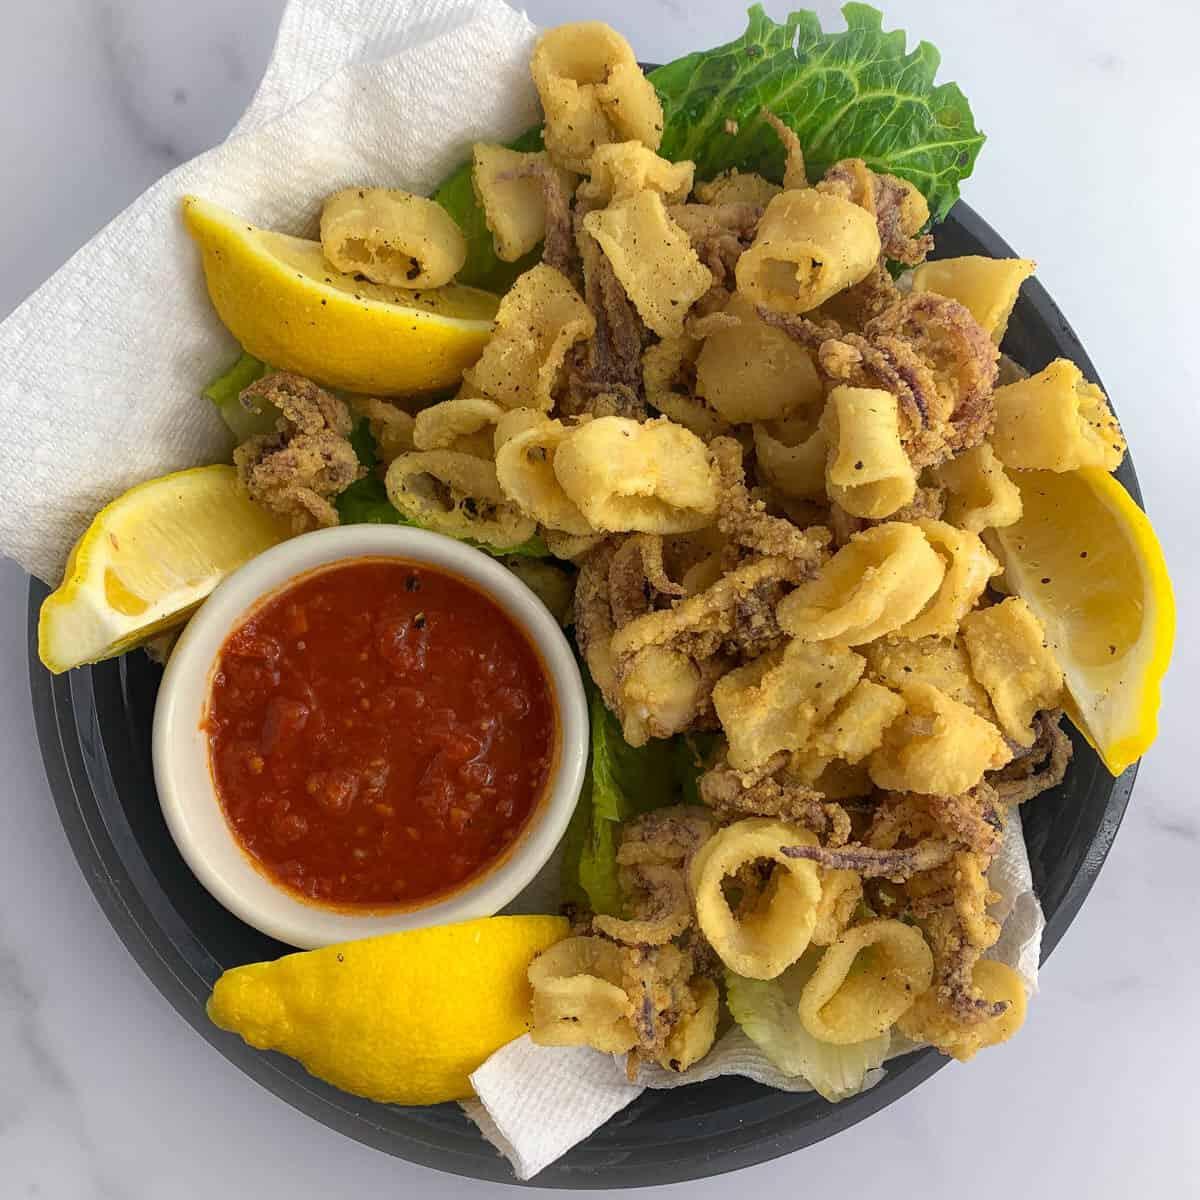 top view of fried calamari with lemon and marinara sauce